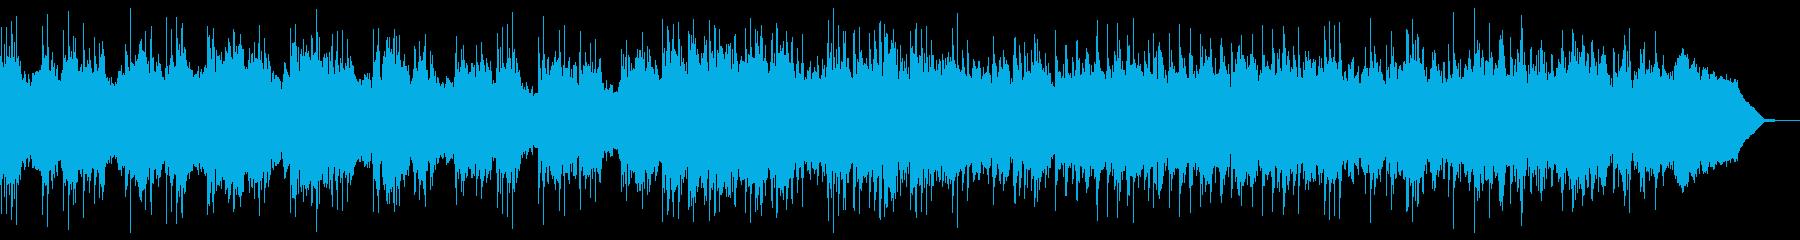 スロー、ダーク、重厚なヘビーメタルBGMの再生済みの波形